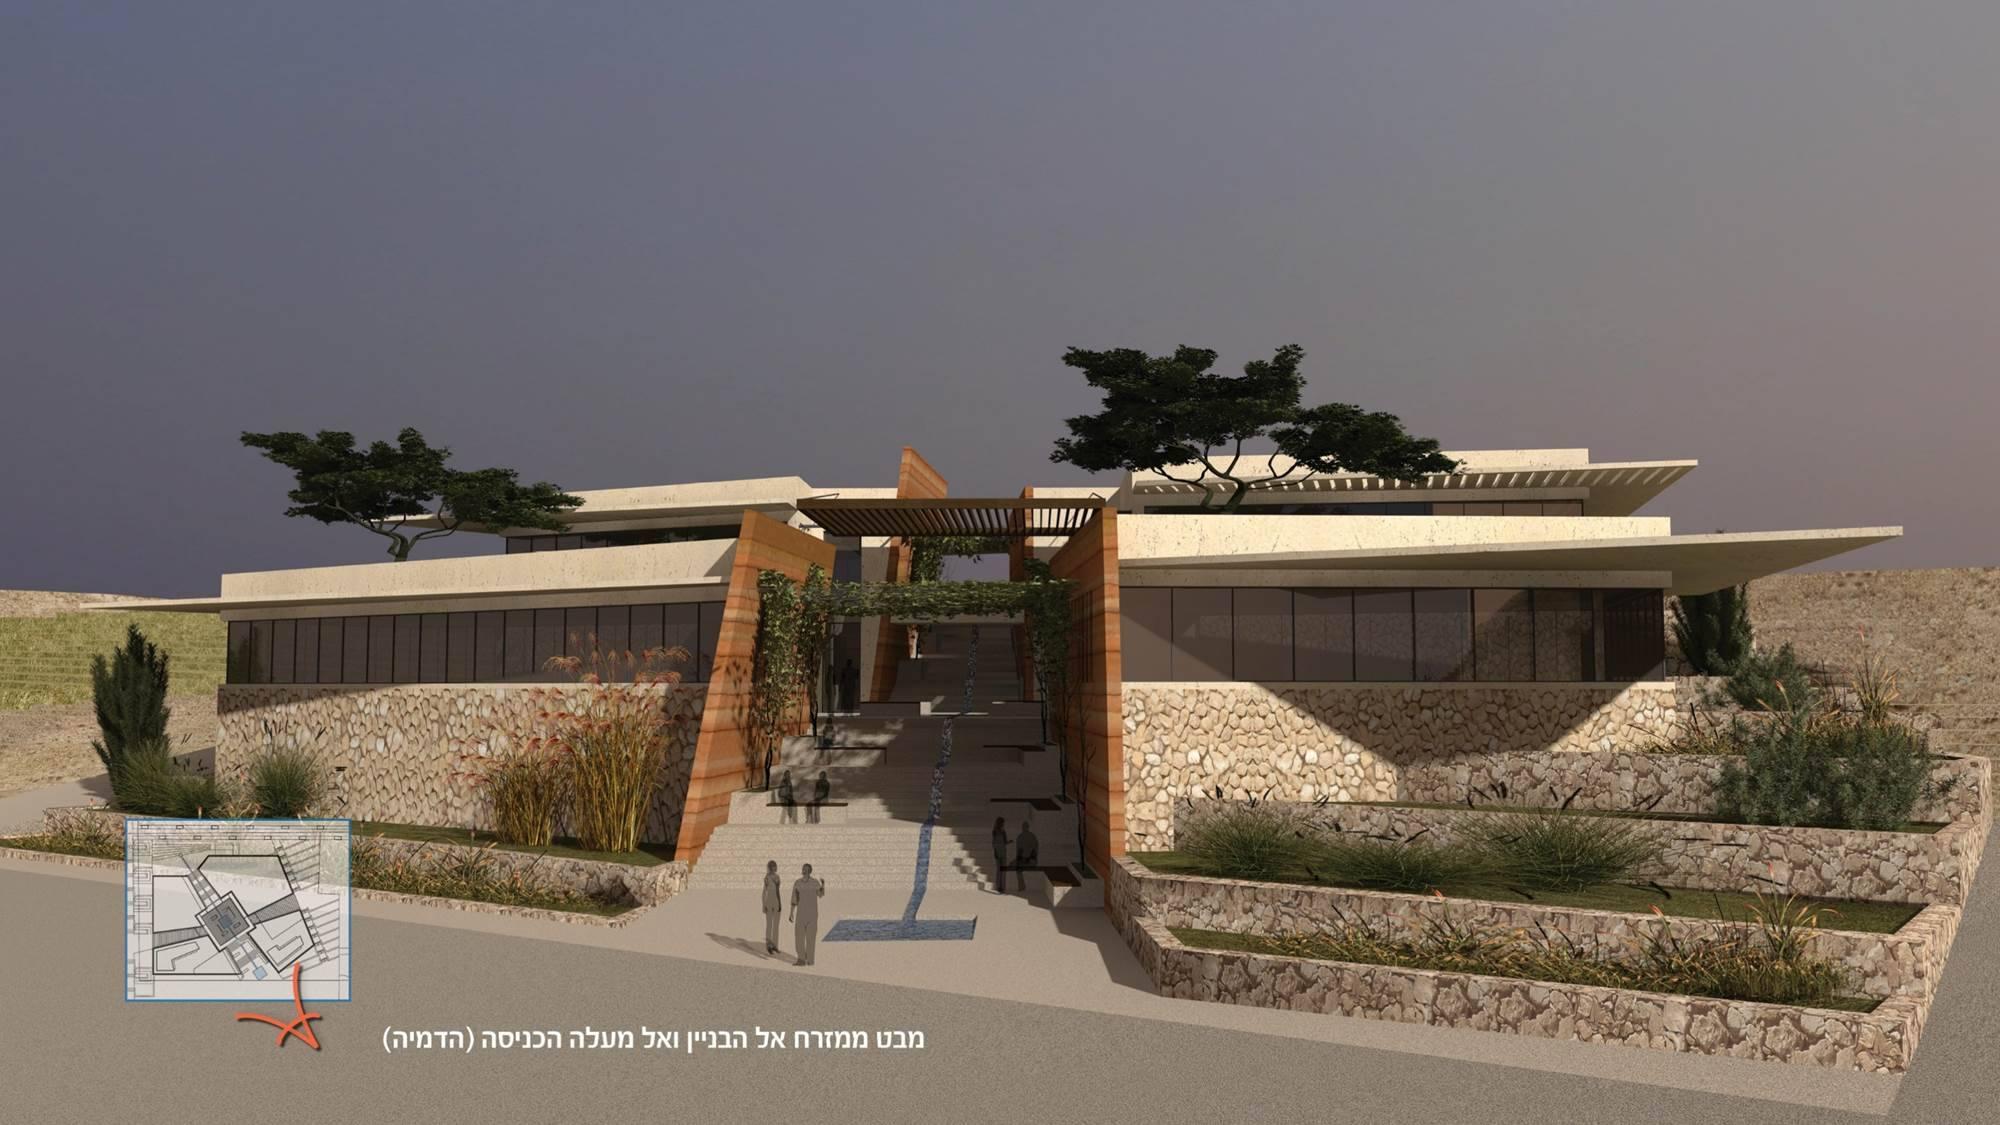 מבנה המועצה החדש - הדמייה